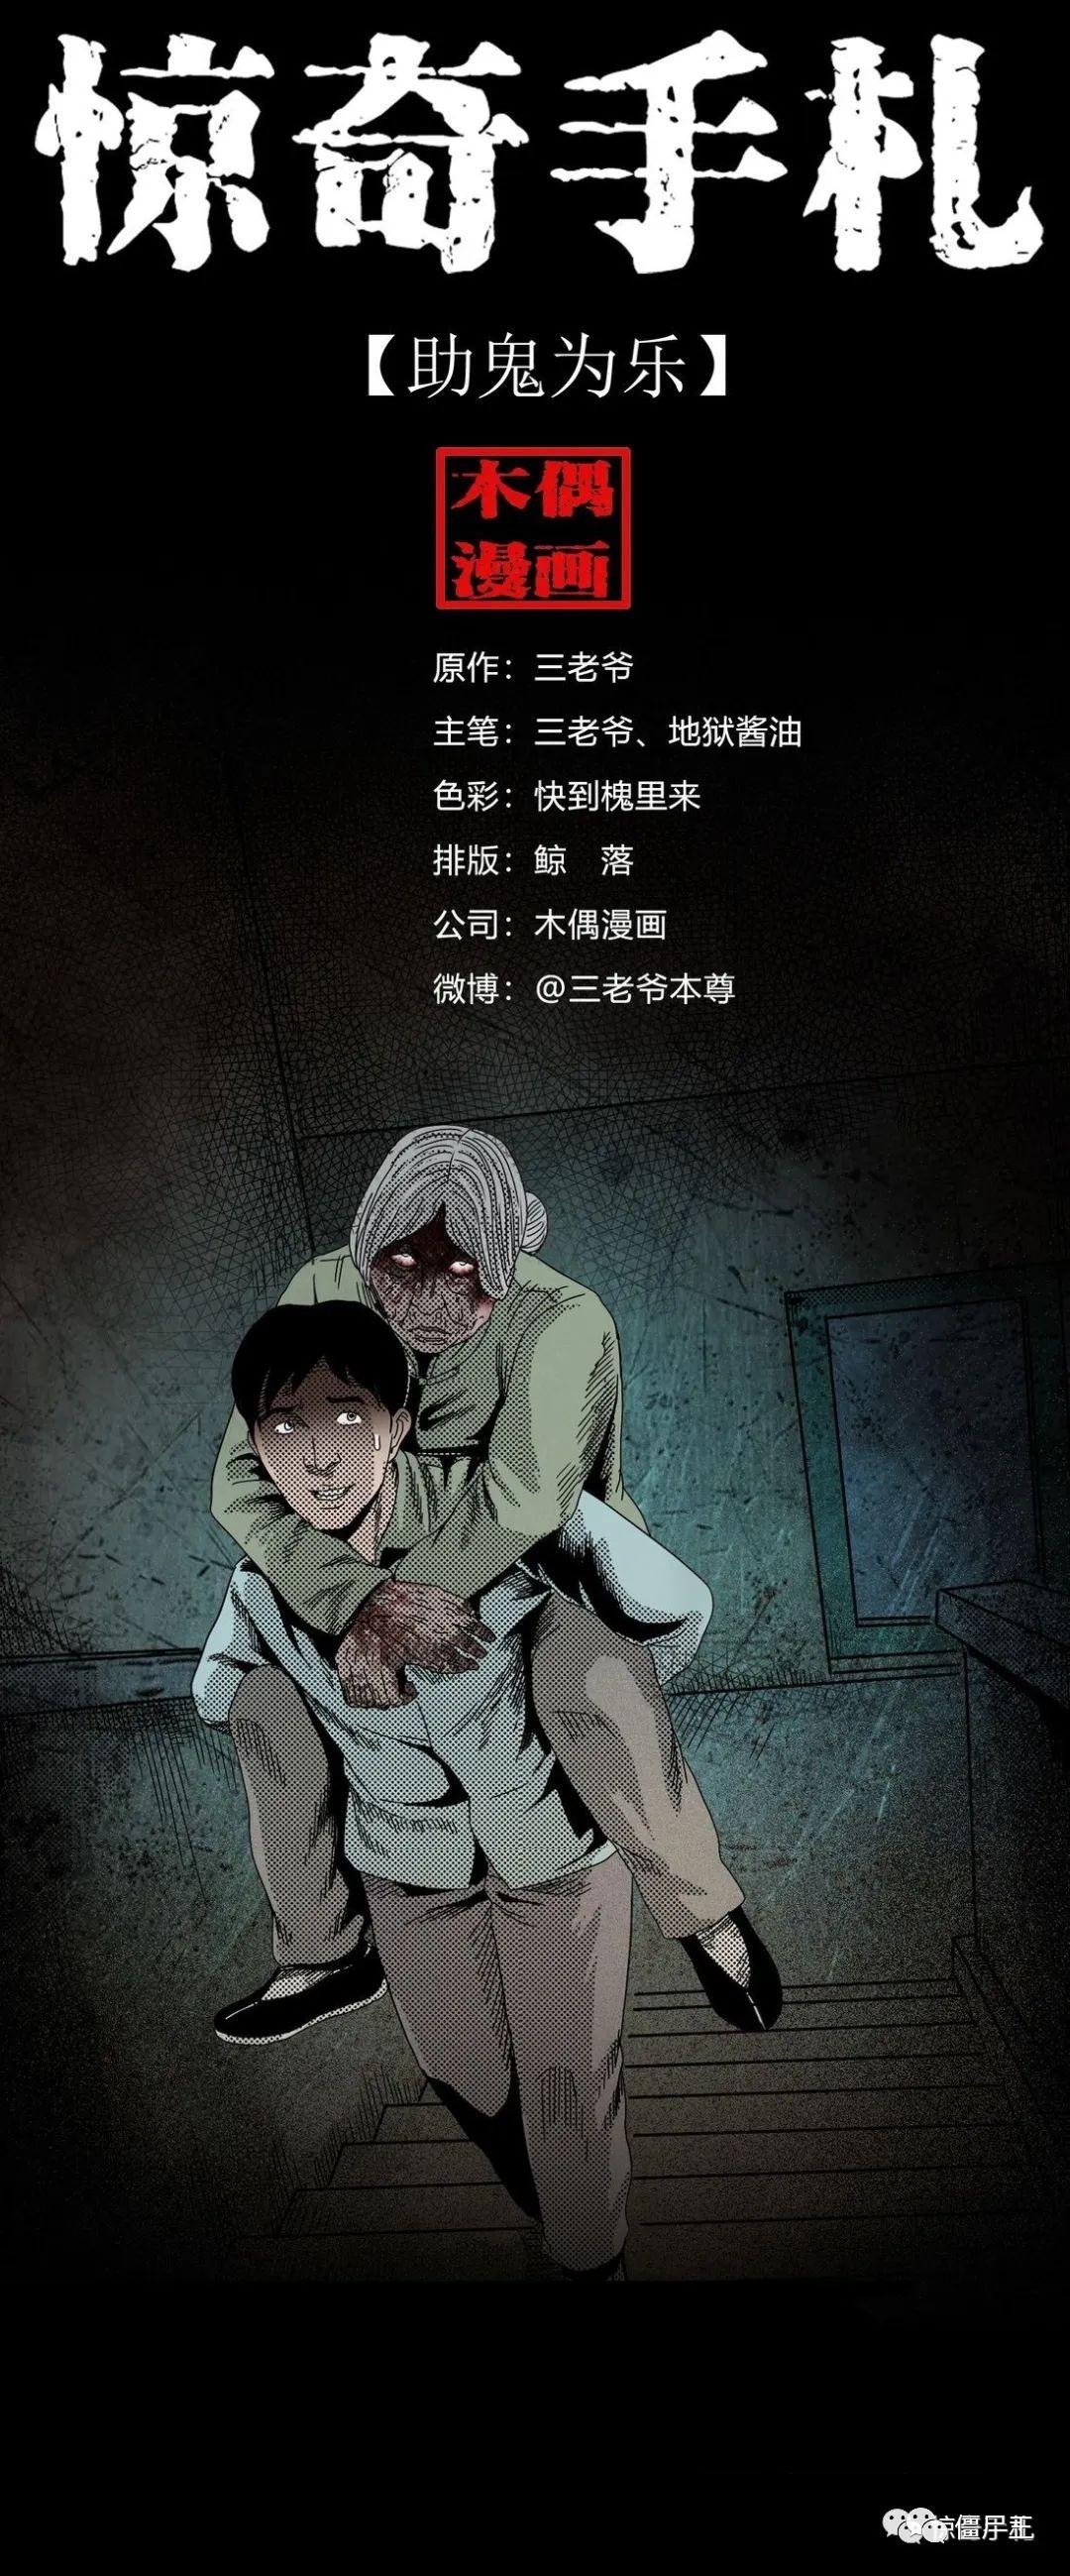 僵尸王漫画:惊奇手札之助鬼为乐